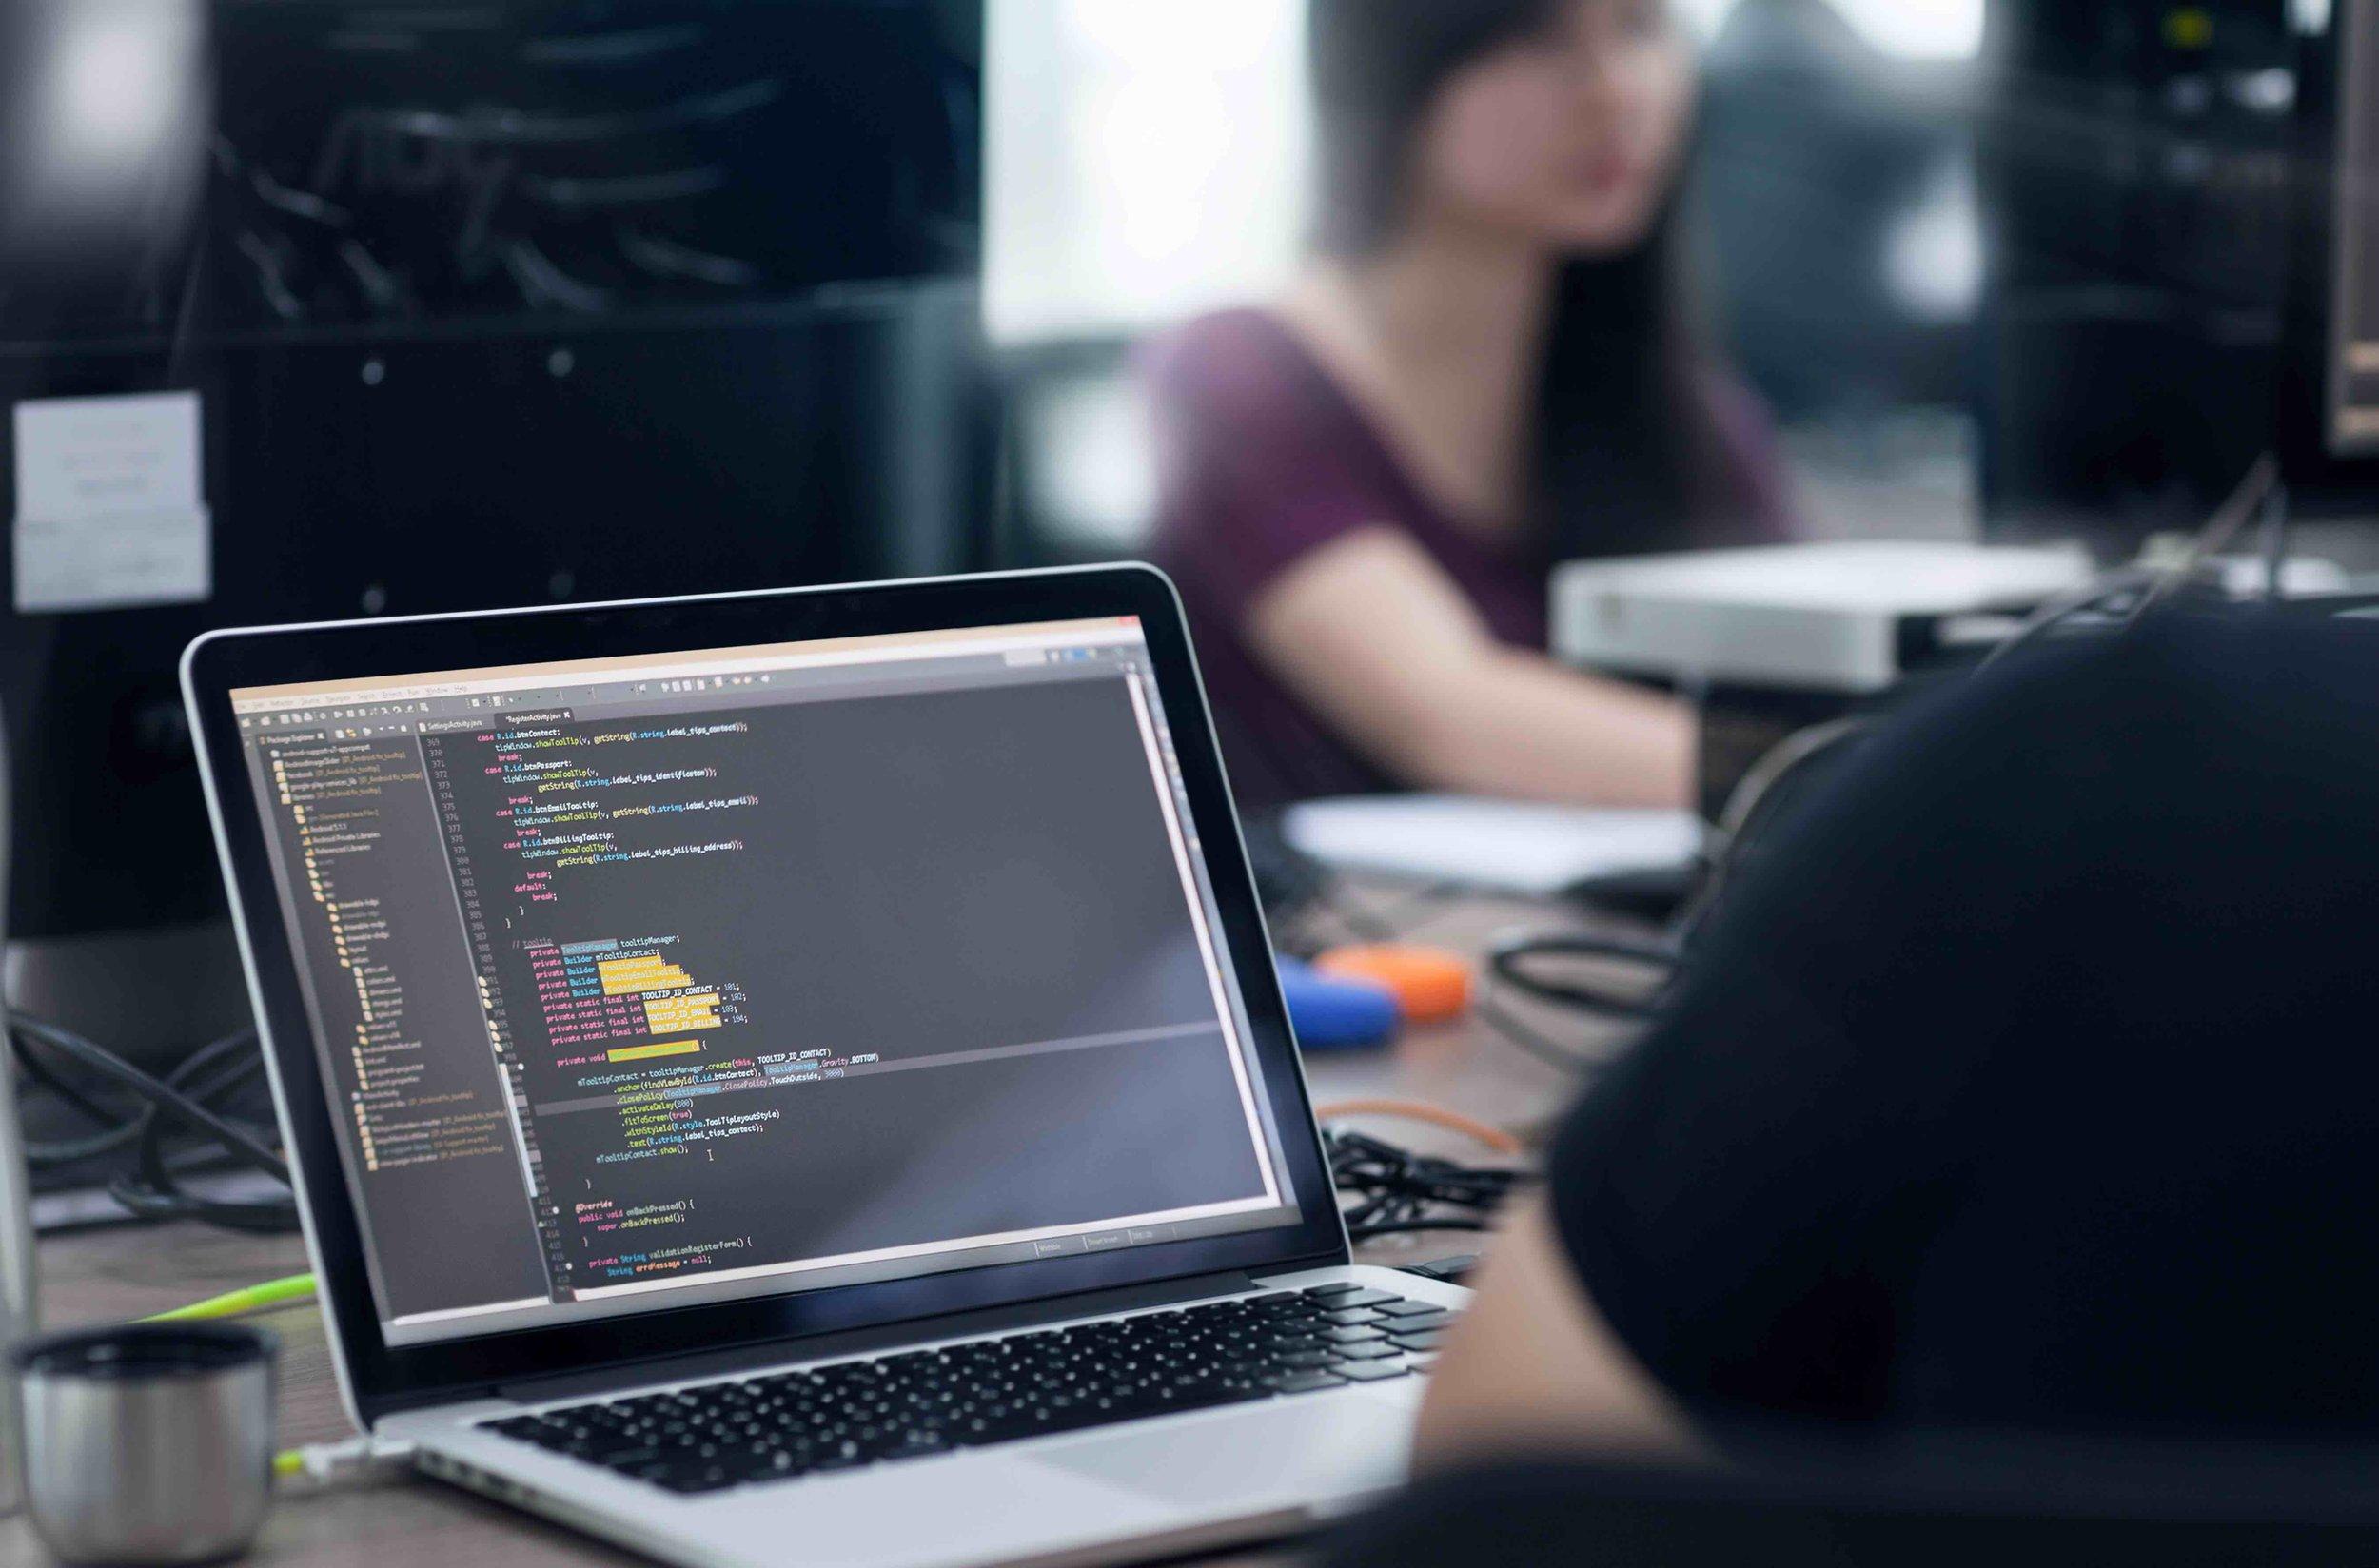 技術職 - Python / DjangoWebアプリケーションエンジニア